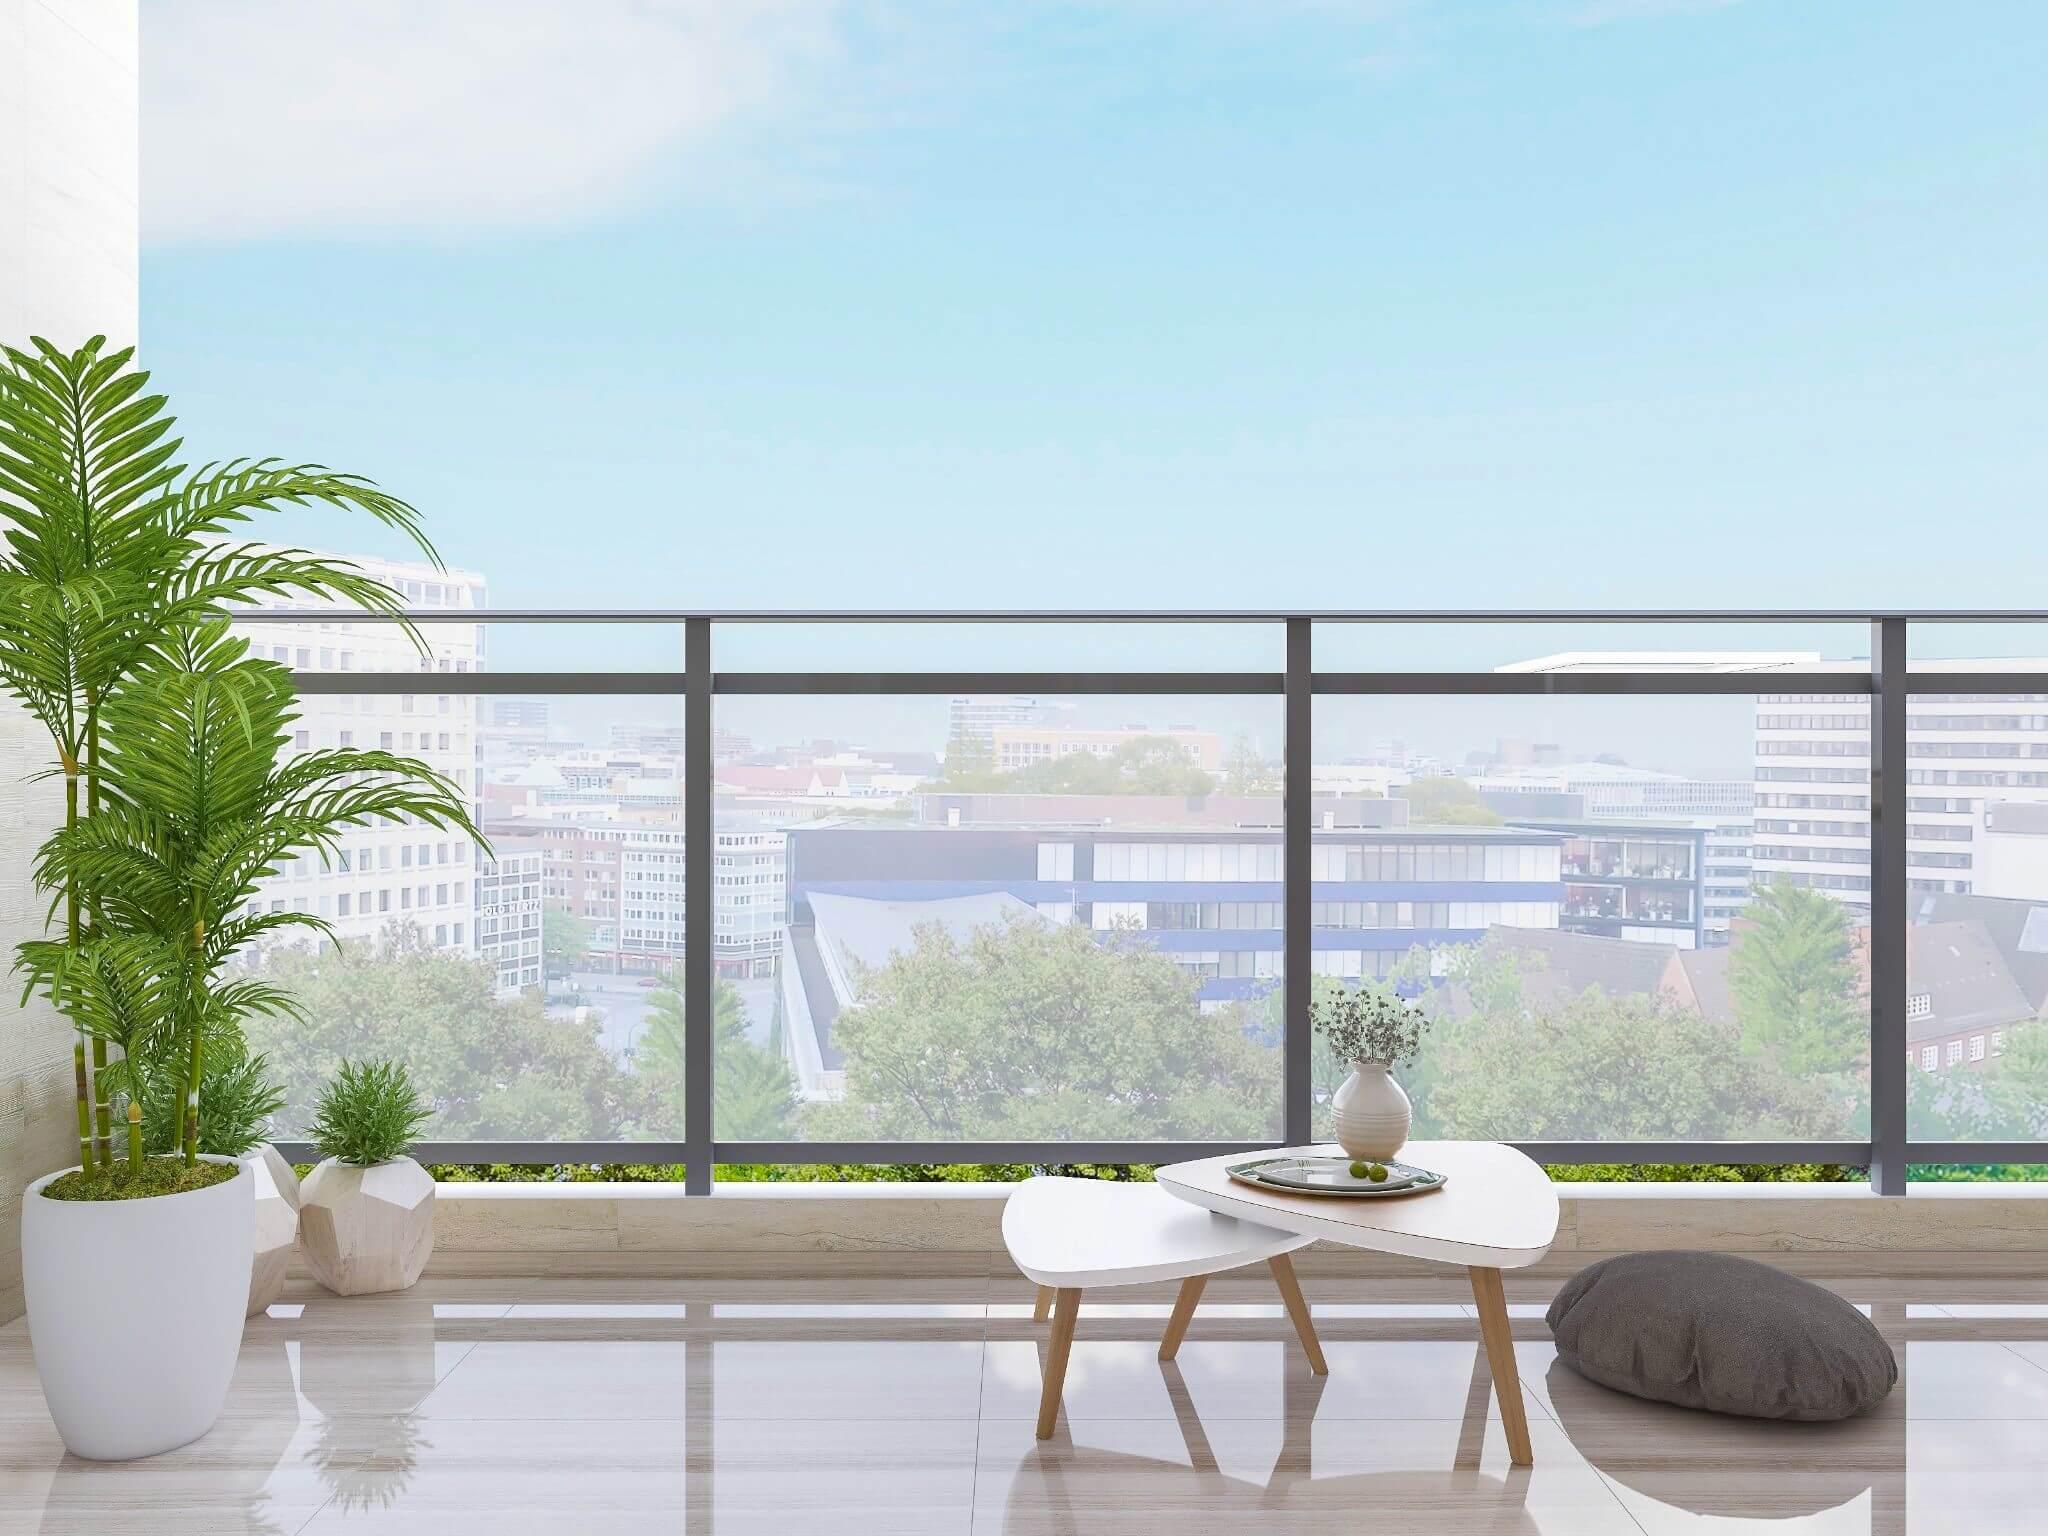 izolarea termica a balconului